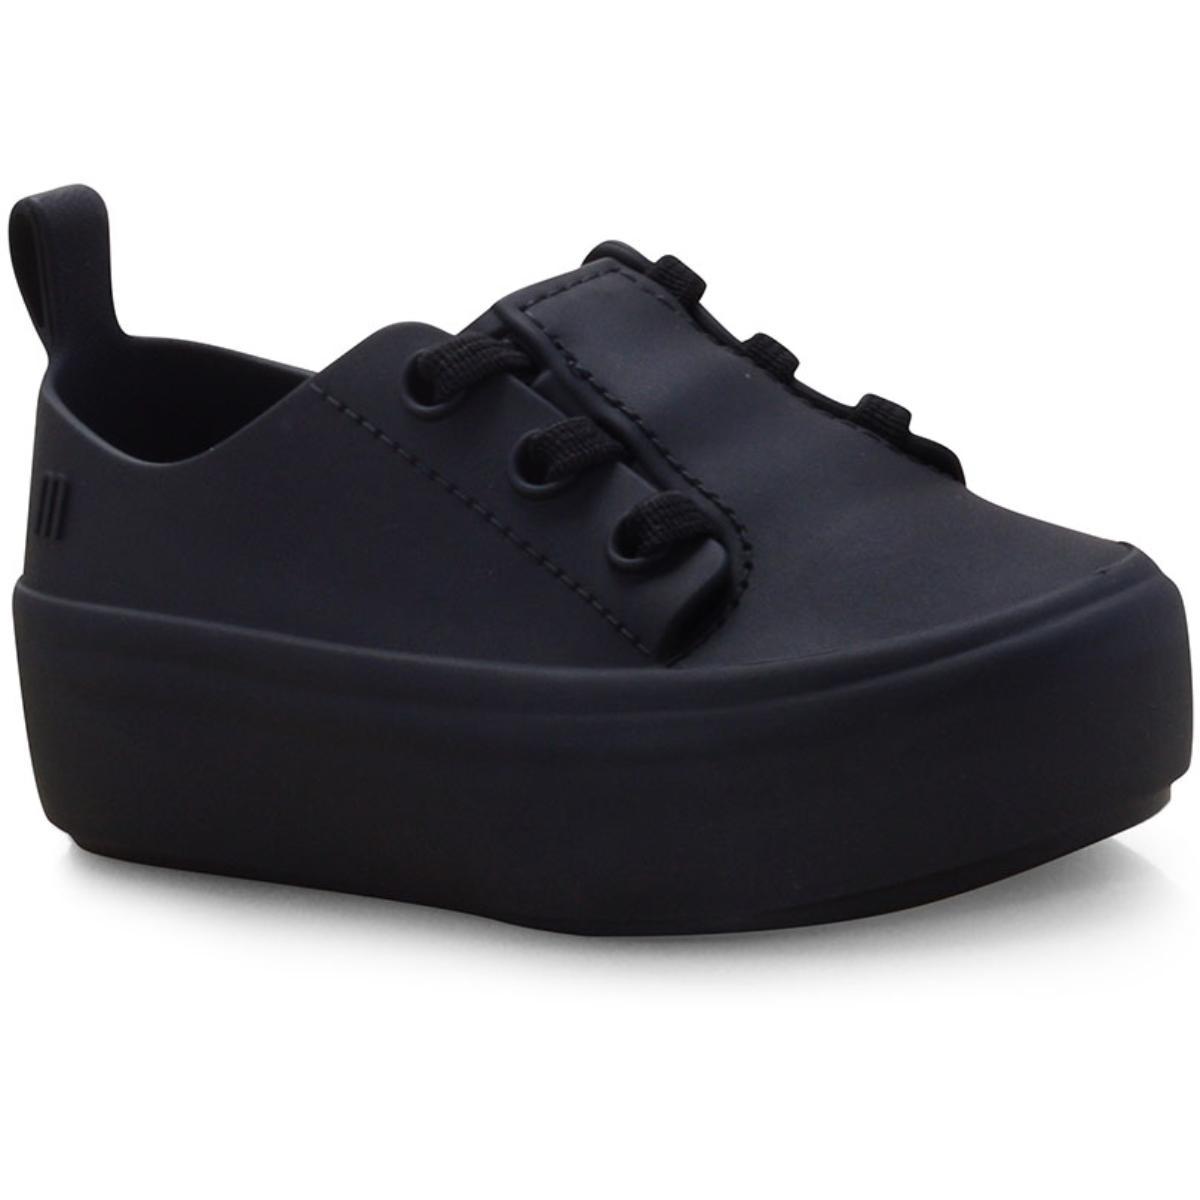 Tênis Fem Infantil Melissa 32538  01003 Ulitsa Sneaker bb Preto